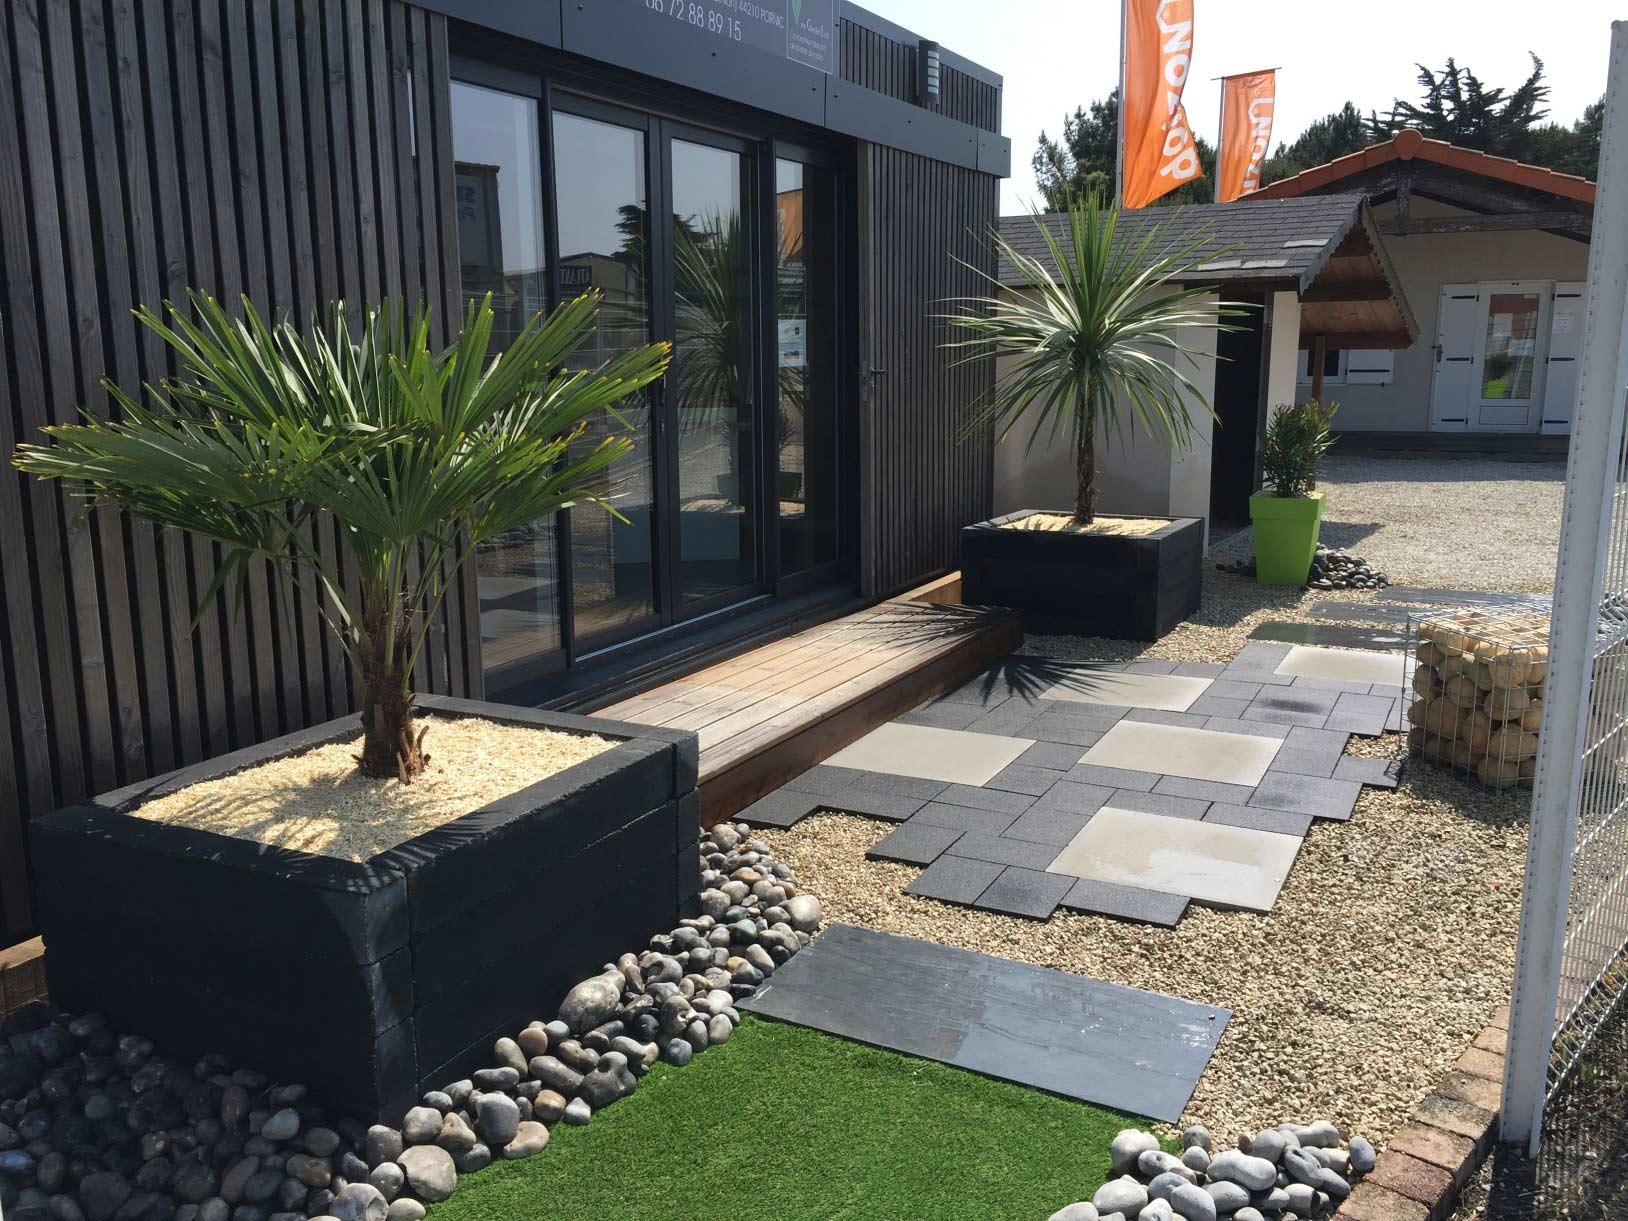 apres passage au jardin des r ves au jardin des r ves paysagiste la plaine sur mer proche. Black Bedroom Furniture Sets. Home Design Ideas